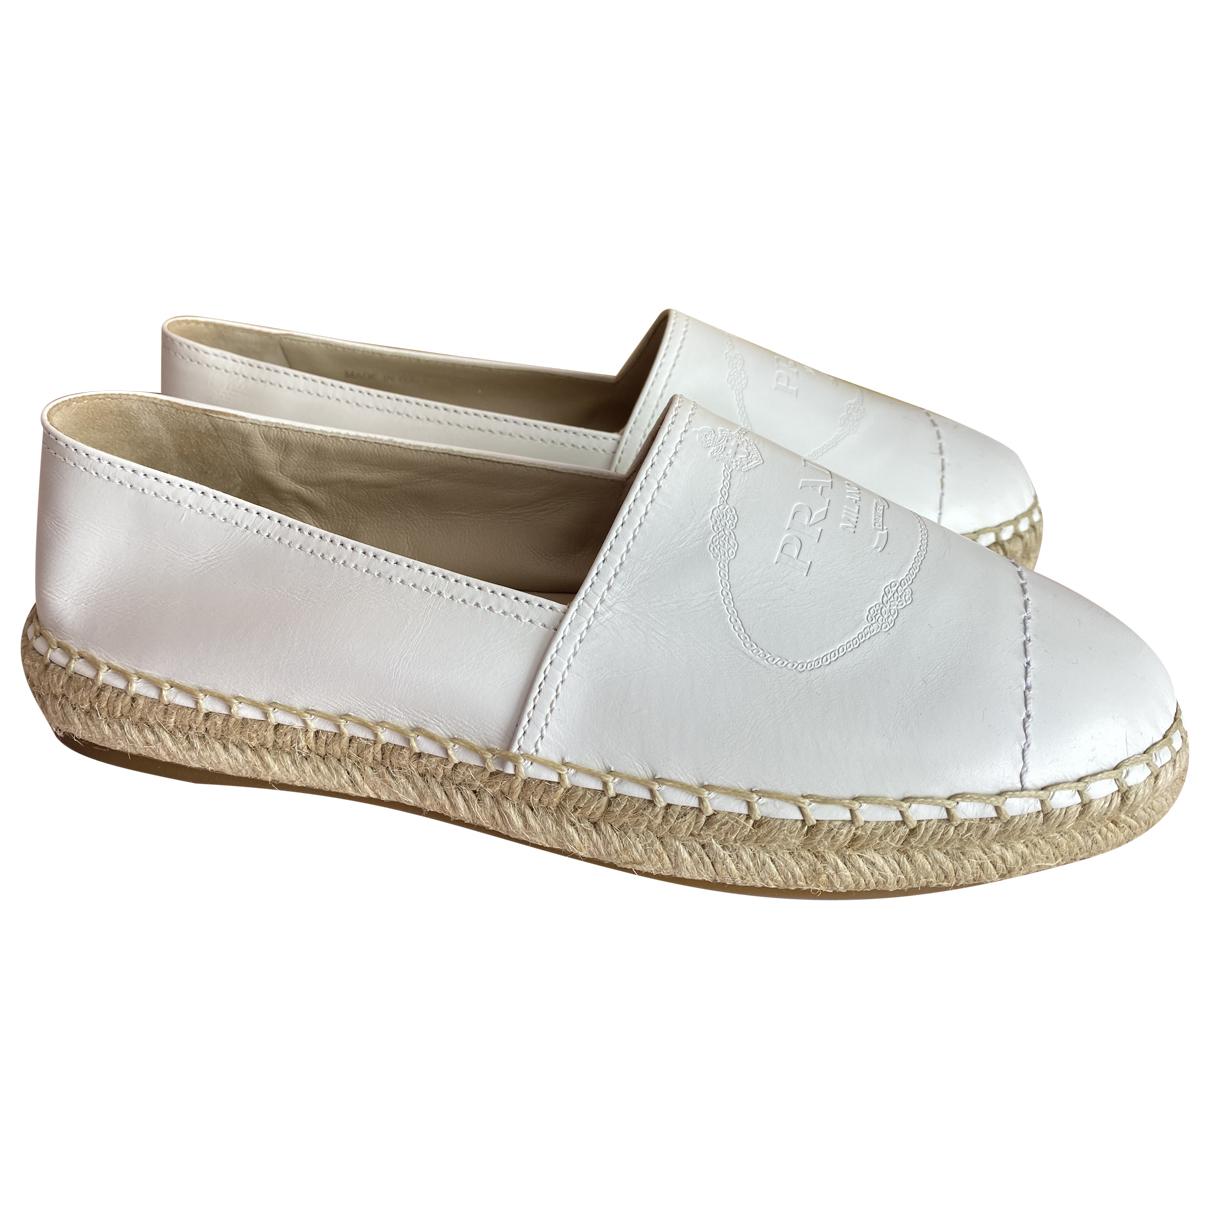 Prada \N White Leather Espadrilles for Women 40.5 EU